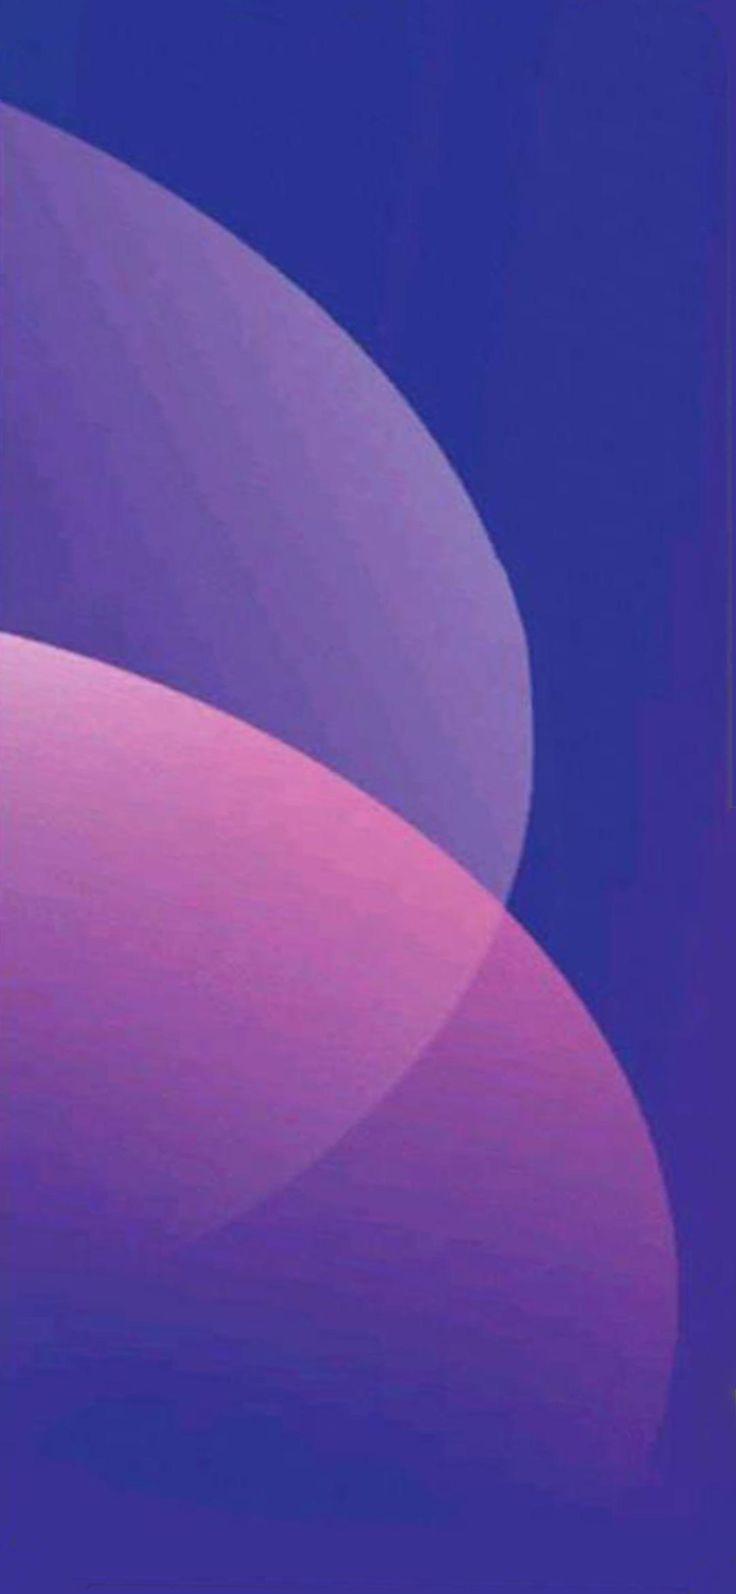 4k Wallpaper For Oppo F11 Pro Samsung Wallpaper Galaxy Wallpaper Samsung Galaxy Wallpaper